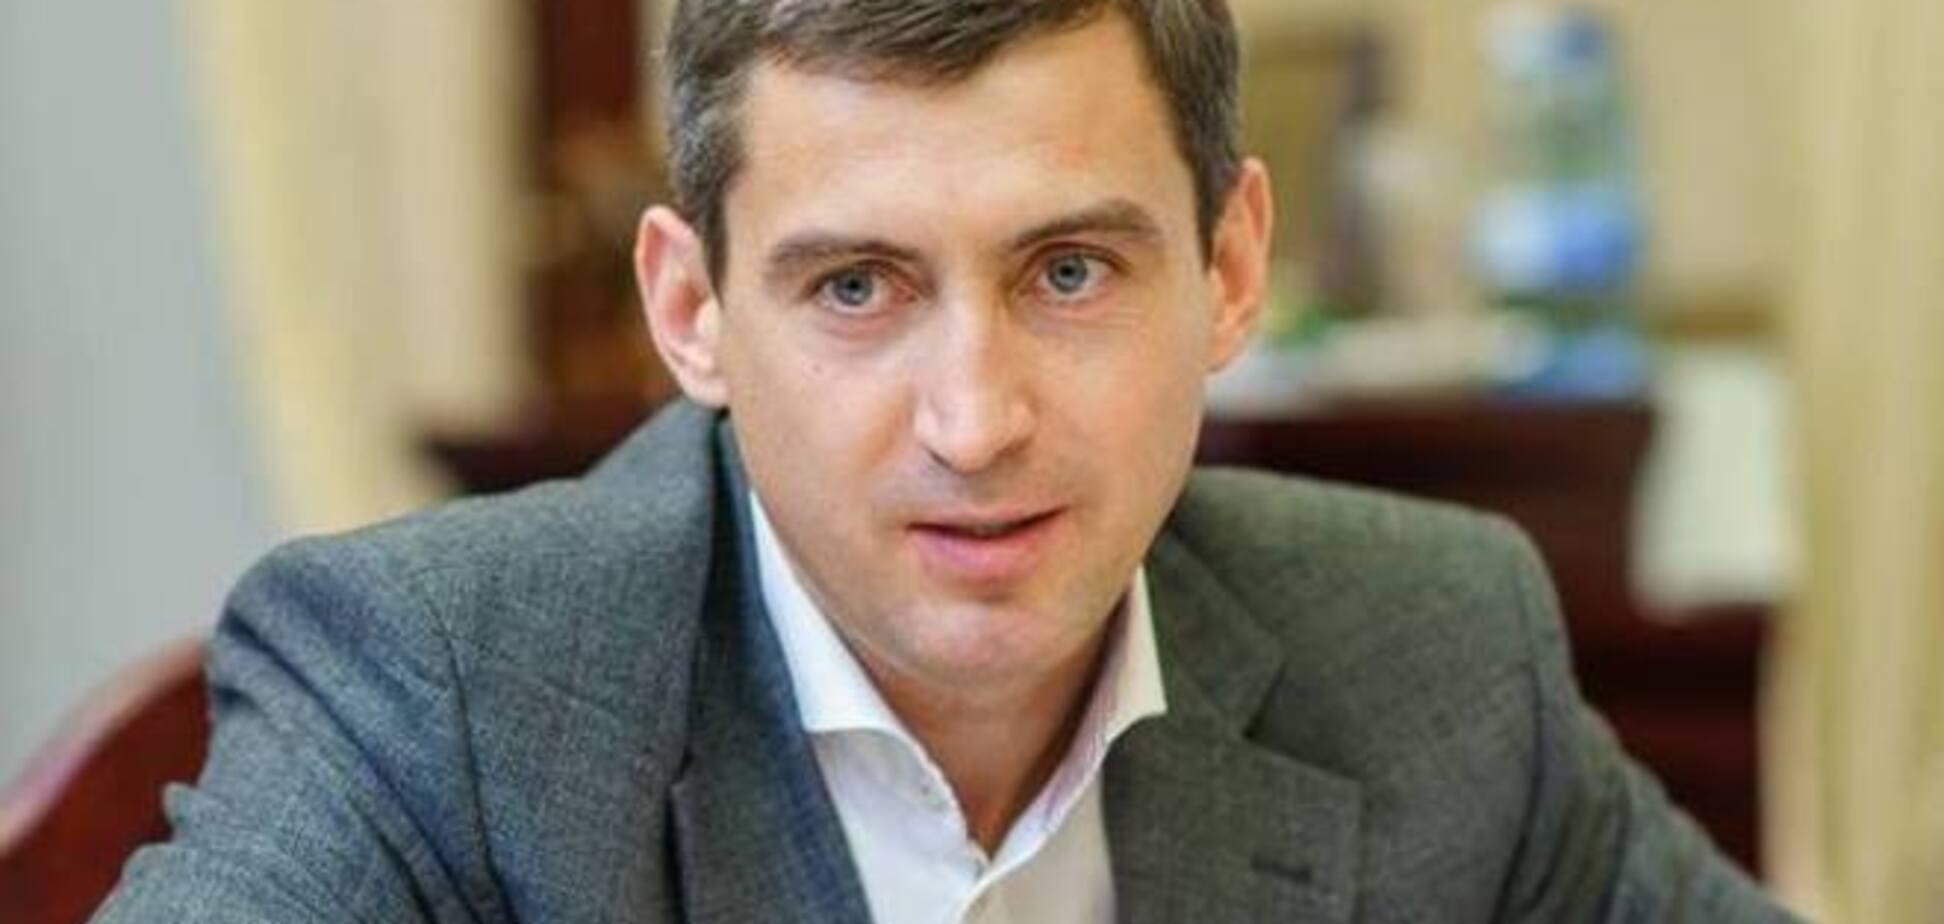 Юрий Ткаченко, губернаторы, Украина, рейтинг губернаторов